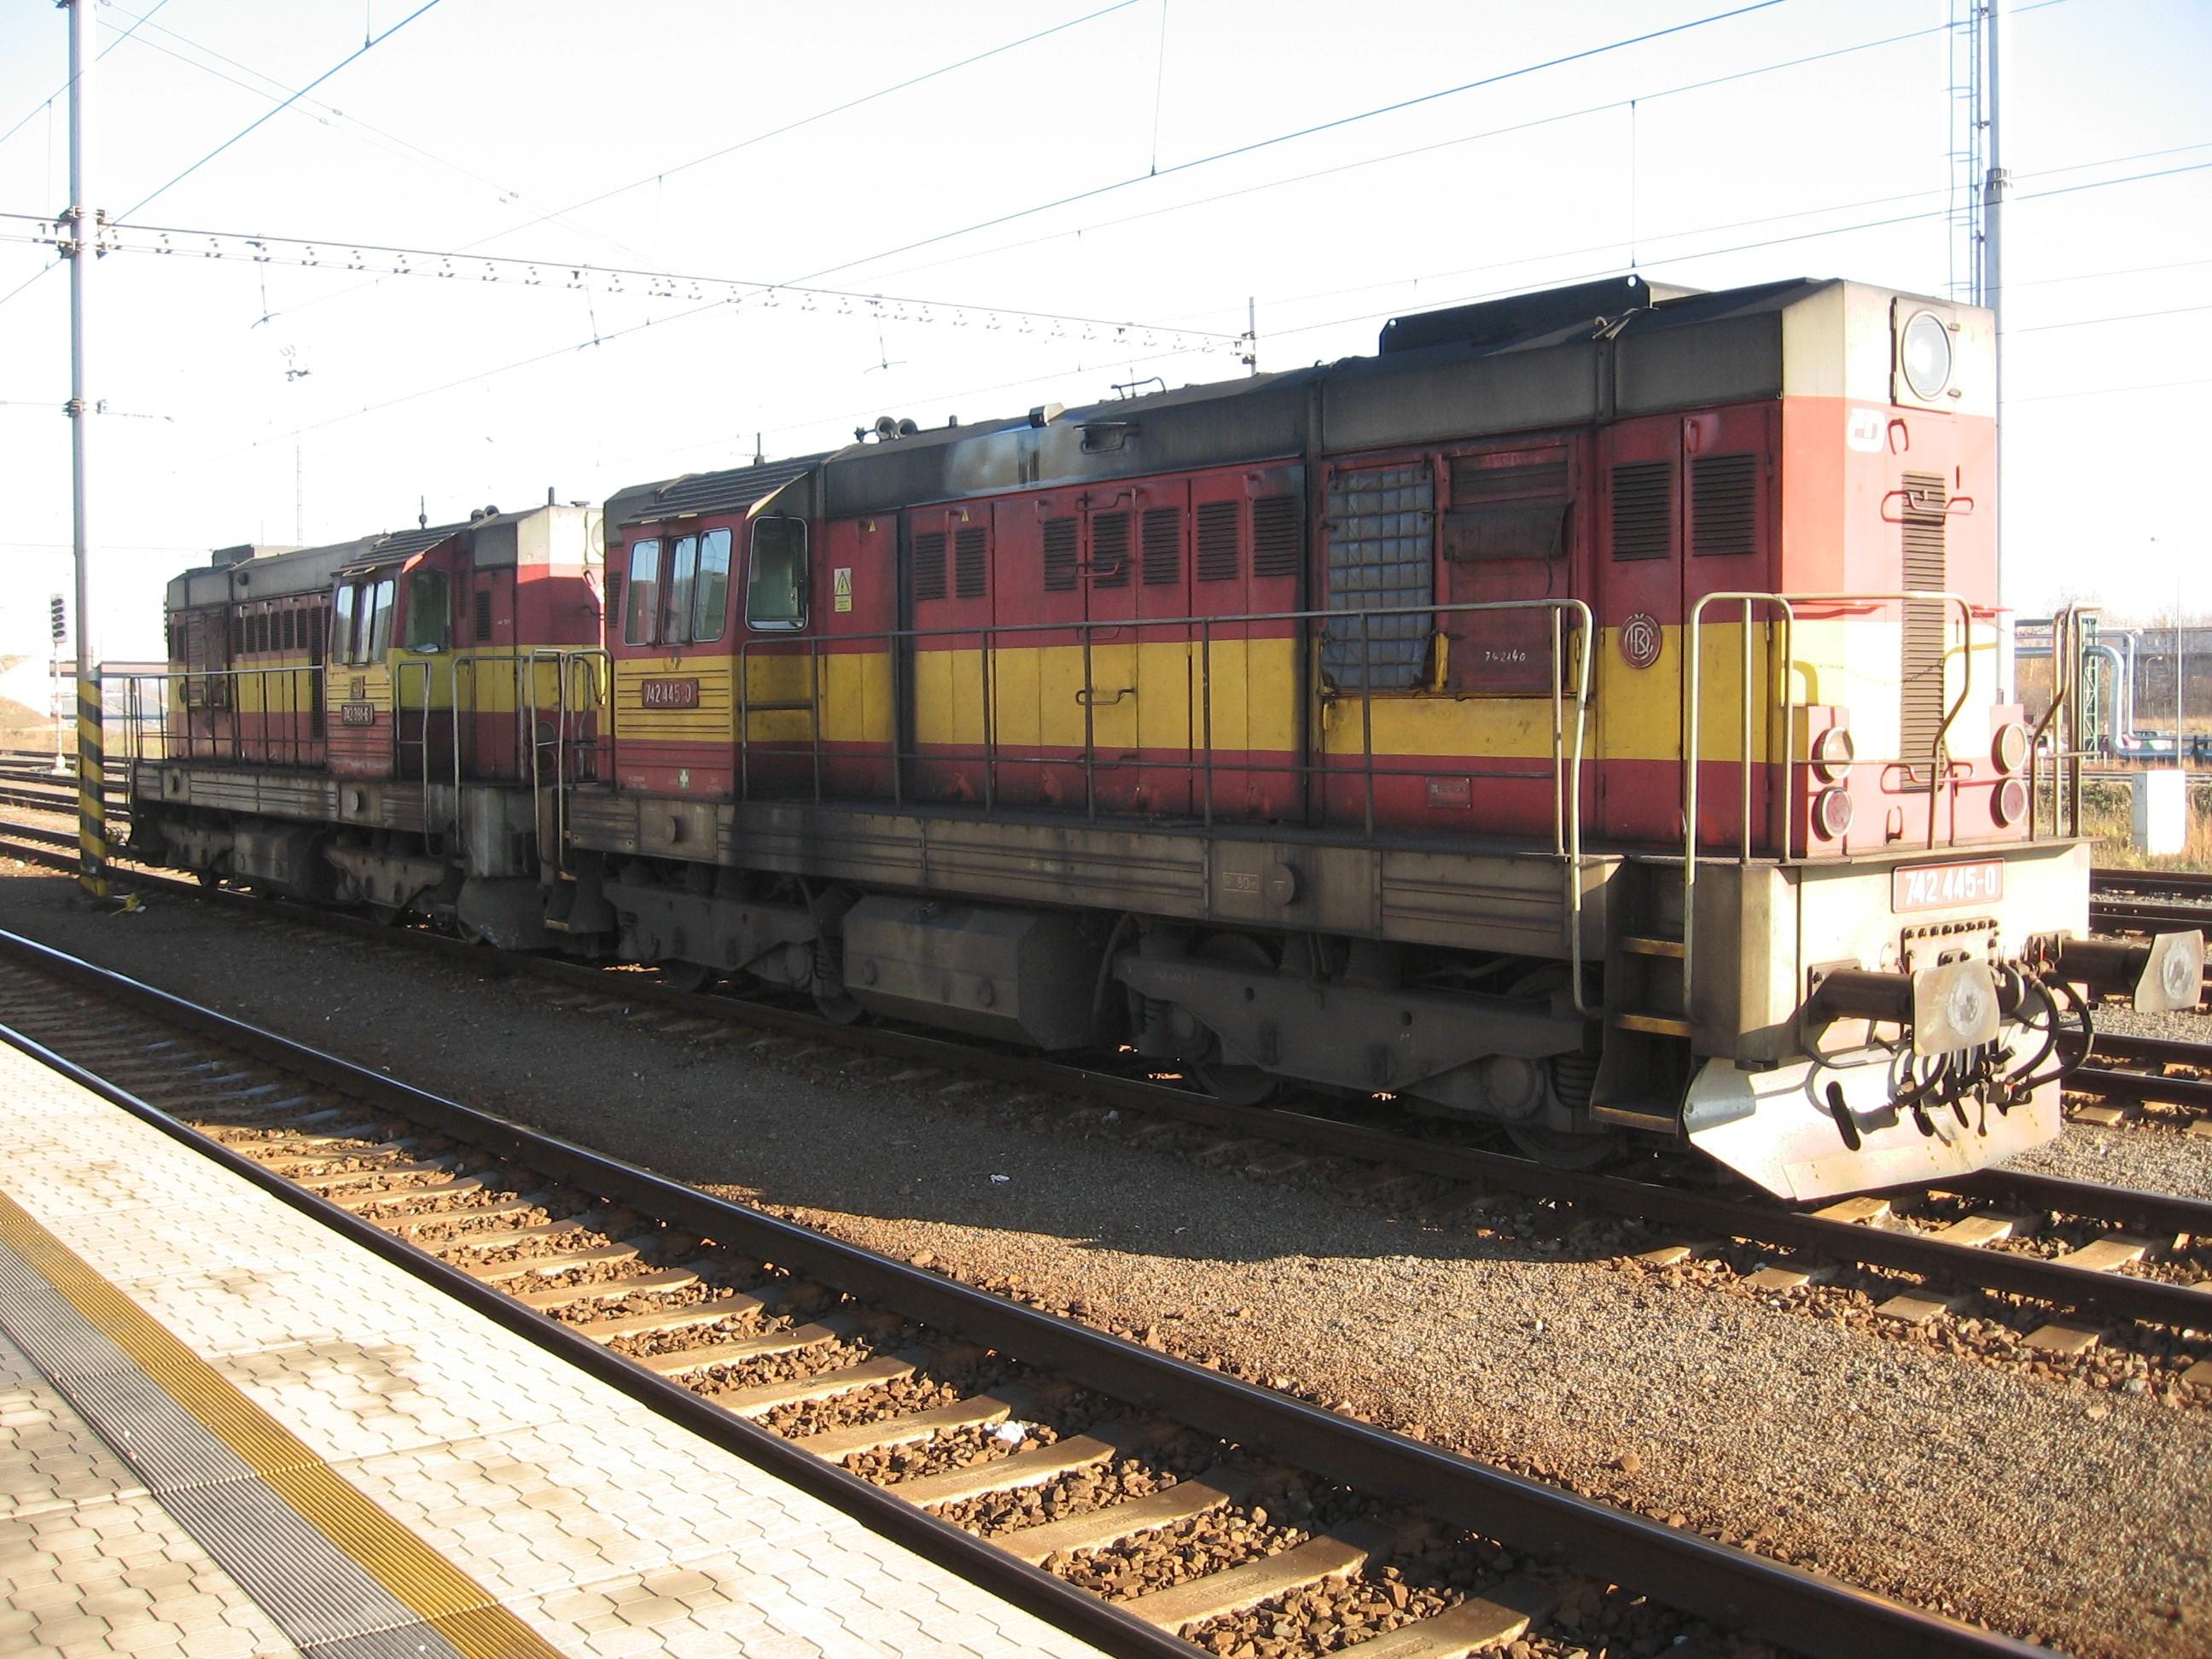 File:Lokomotiva 742 sprazena.JPG